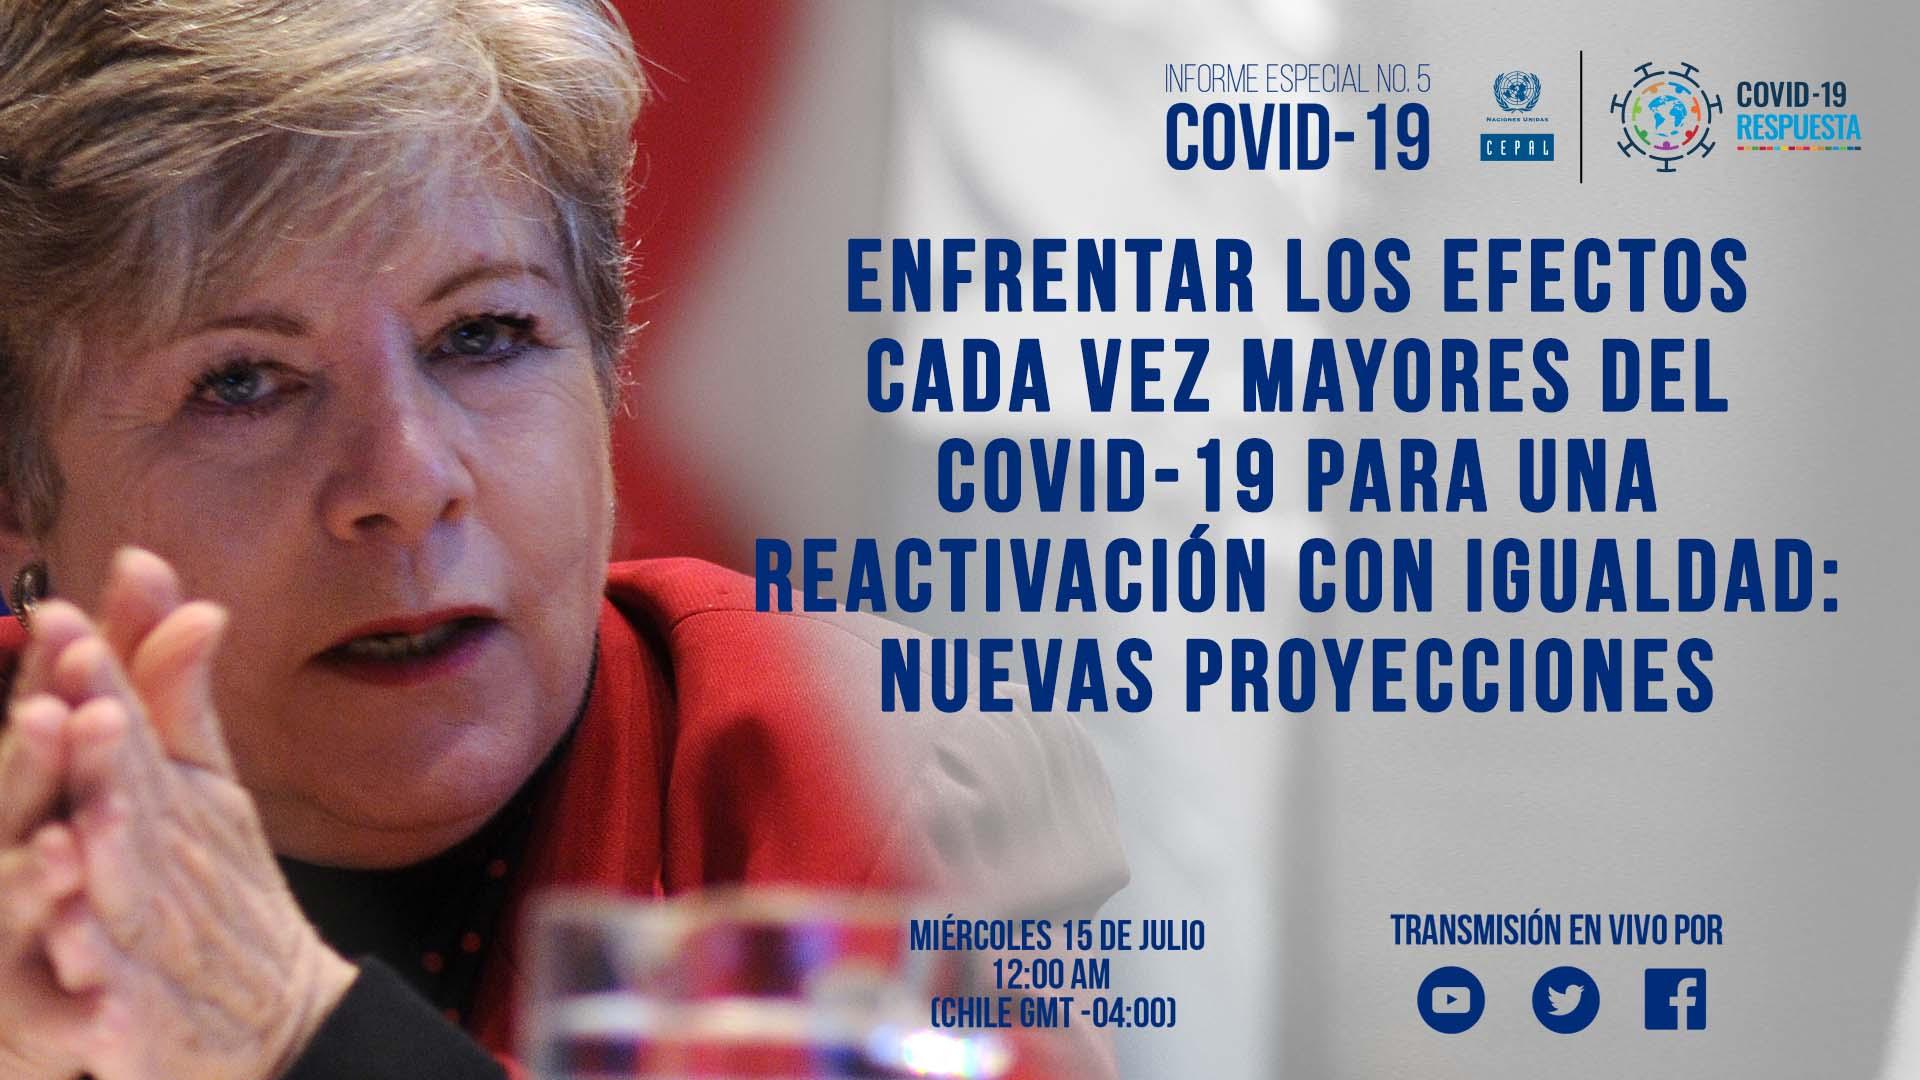 Banner Alicia Bárcena lanzamiento Informe especial COVID-19 No. 5